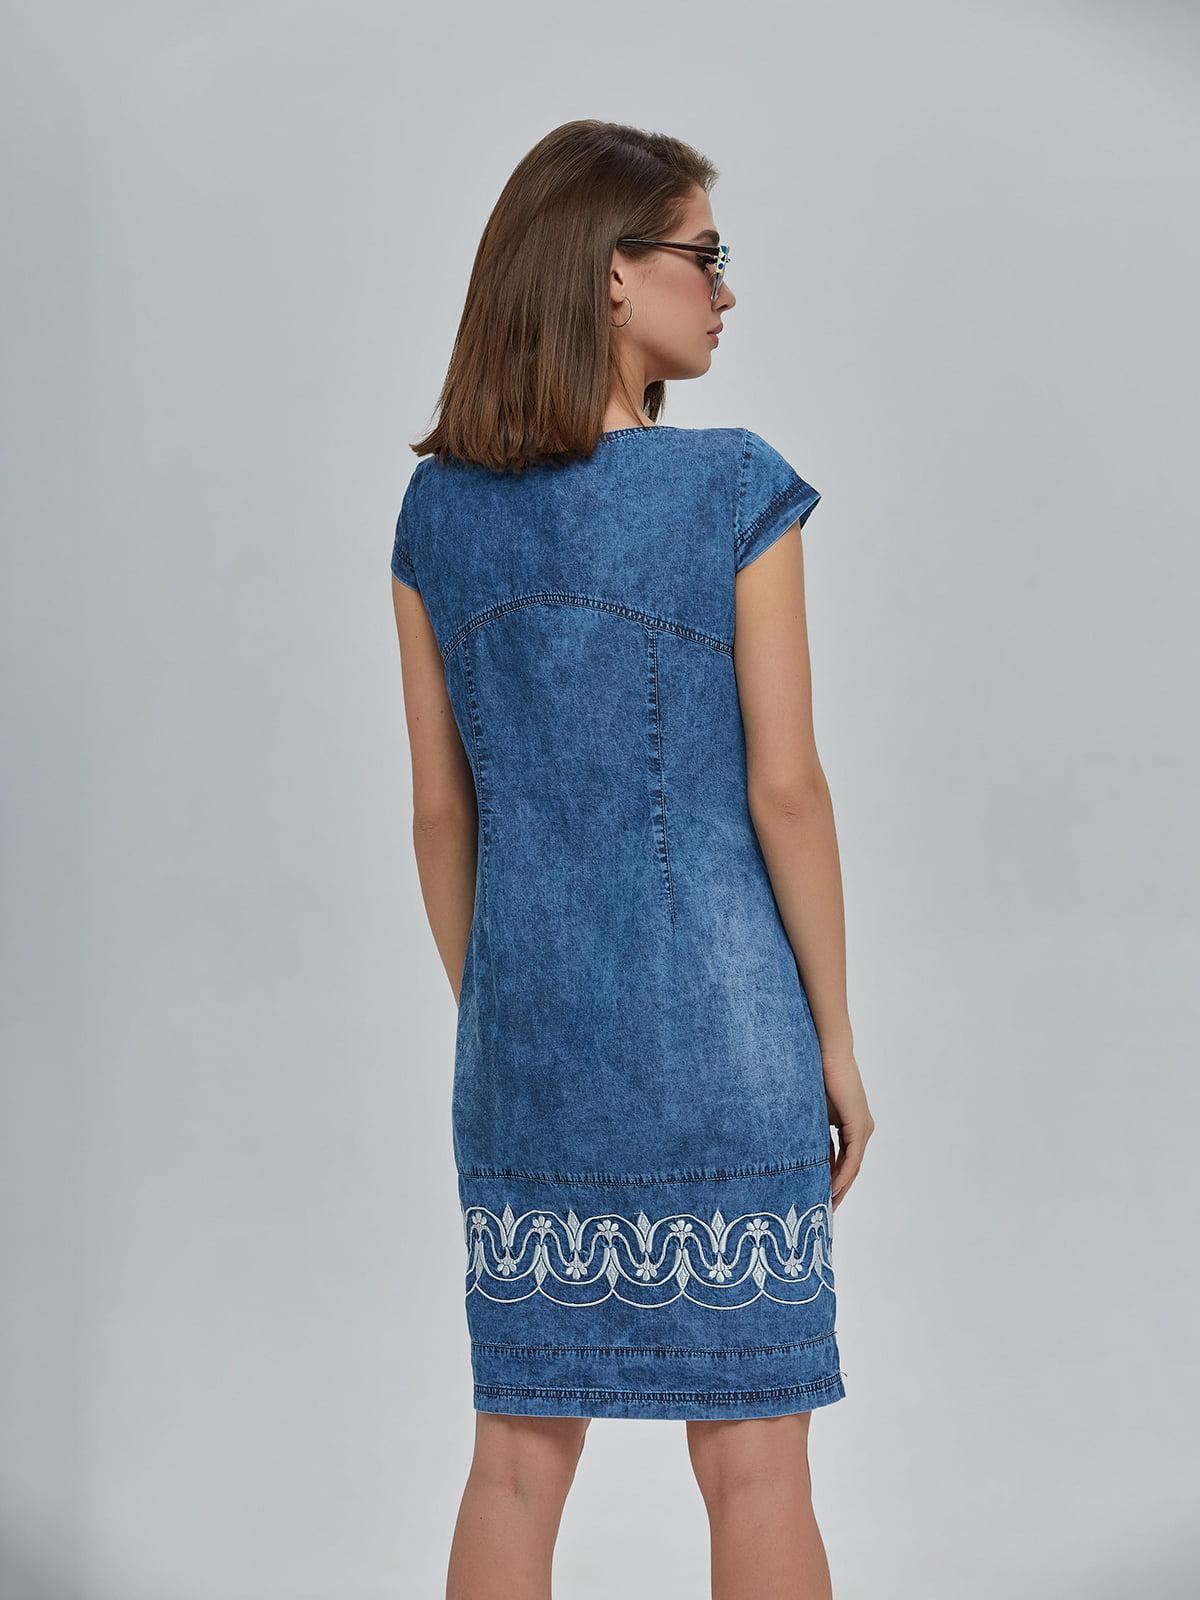 Сукня синя джинсова | 4917991 | фото 3